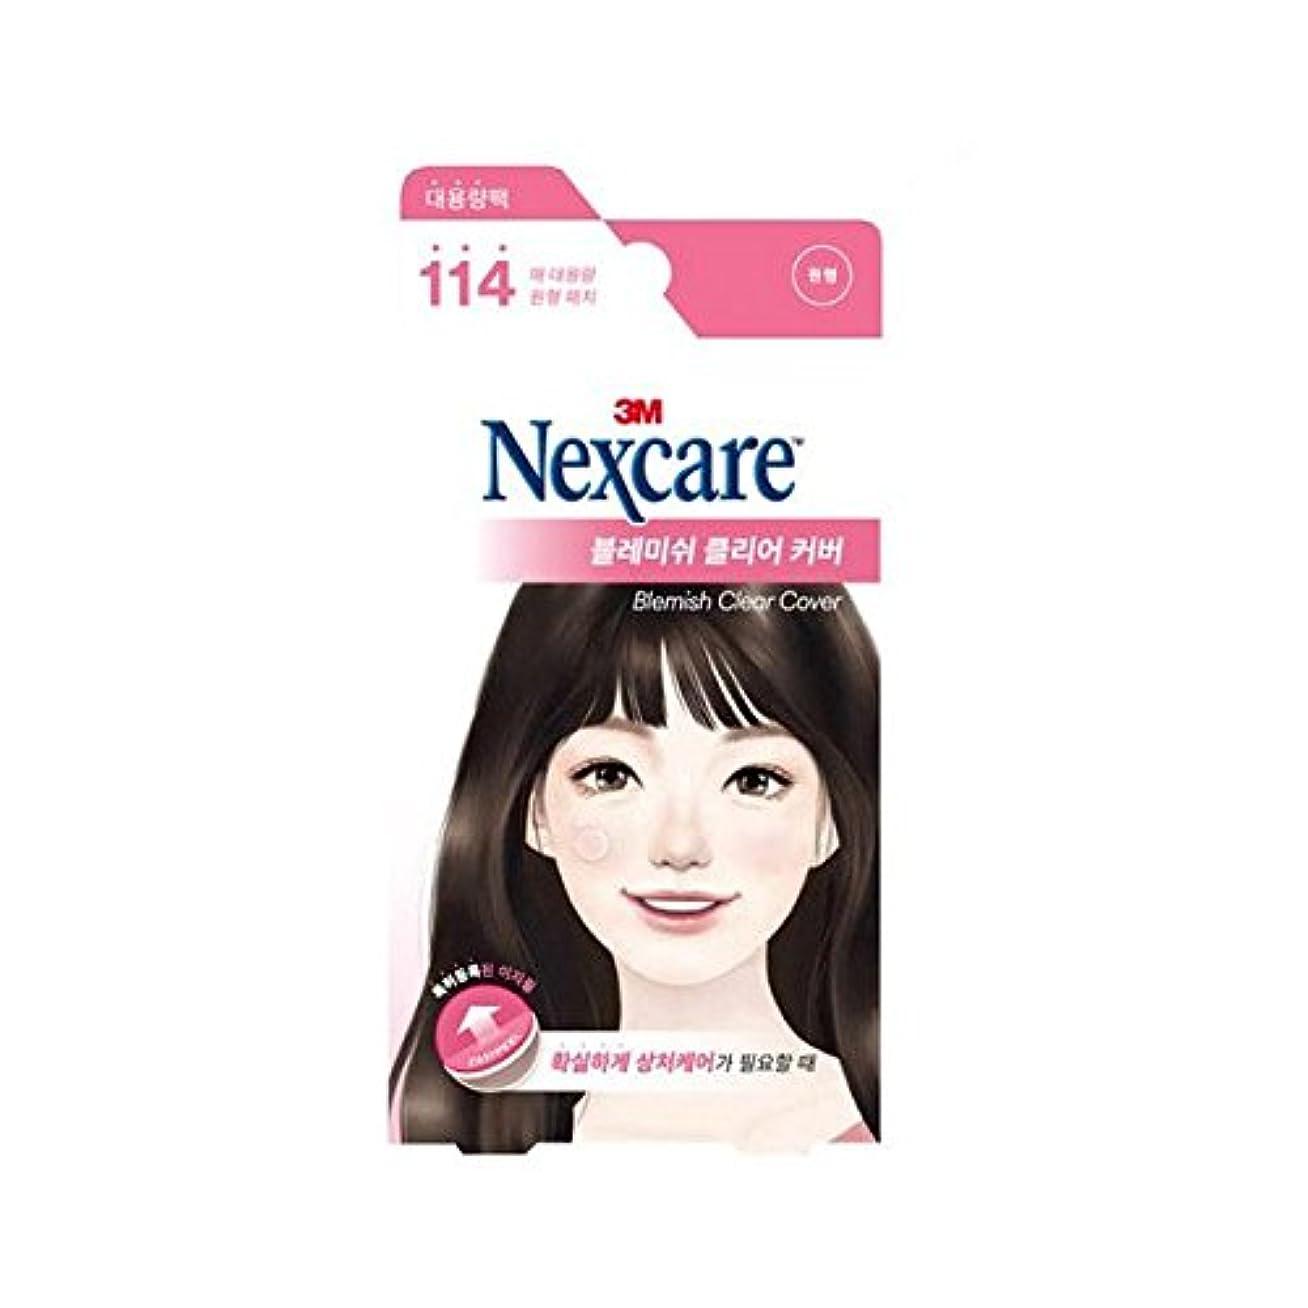 放出原告ネックレット[New] 3M Nexcare Blemish Clear Cover Easy Peel 114 Patches/3M ネクスケア ブレミッシュ クリア カバー イージー ピール 114パッチ入り [並行輸入品]